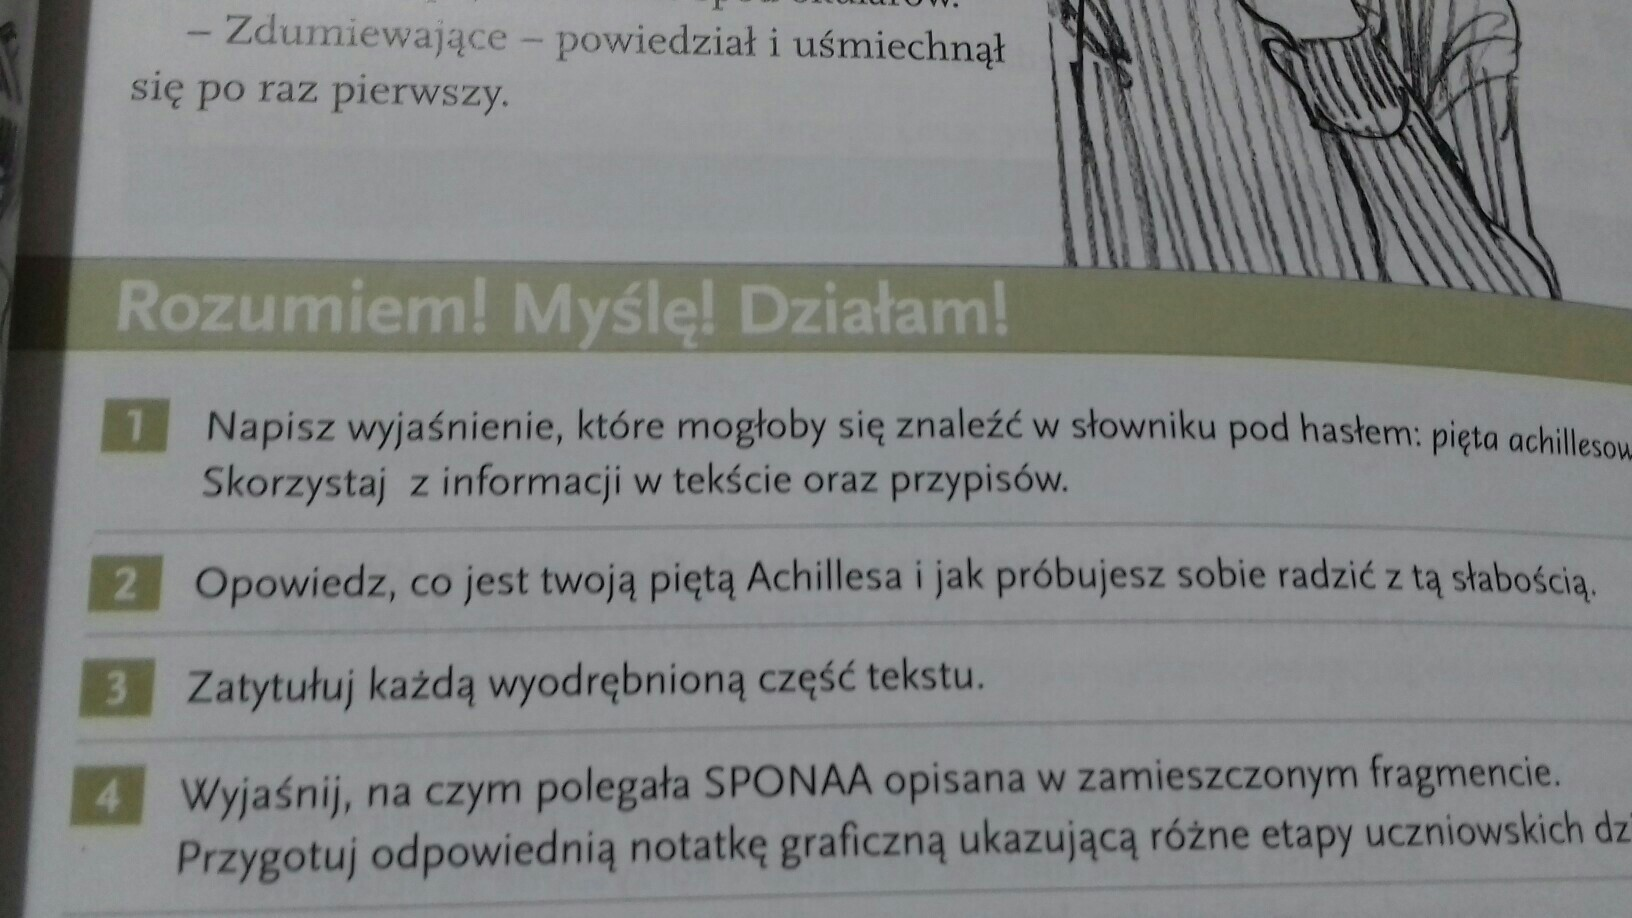 Zadanie 2 Przyjmując że Piętą Jest Polski Proszę Pls Daje